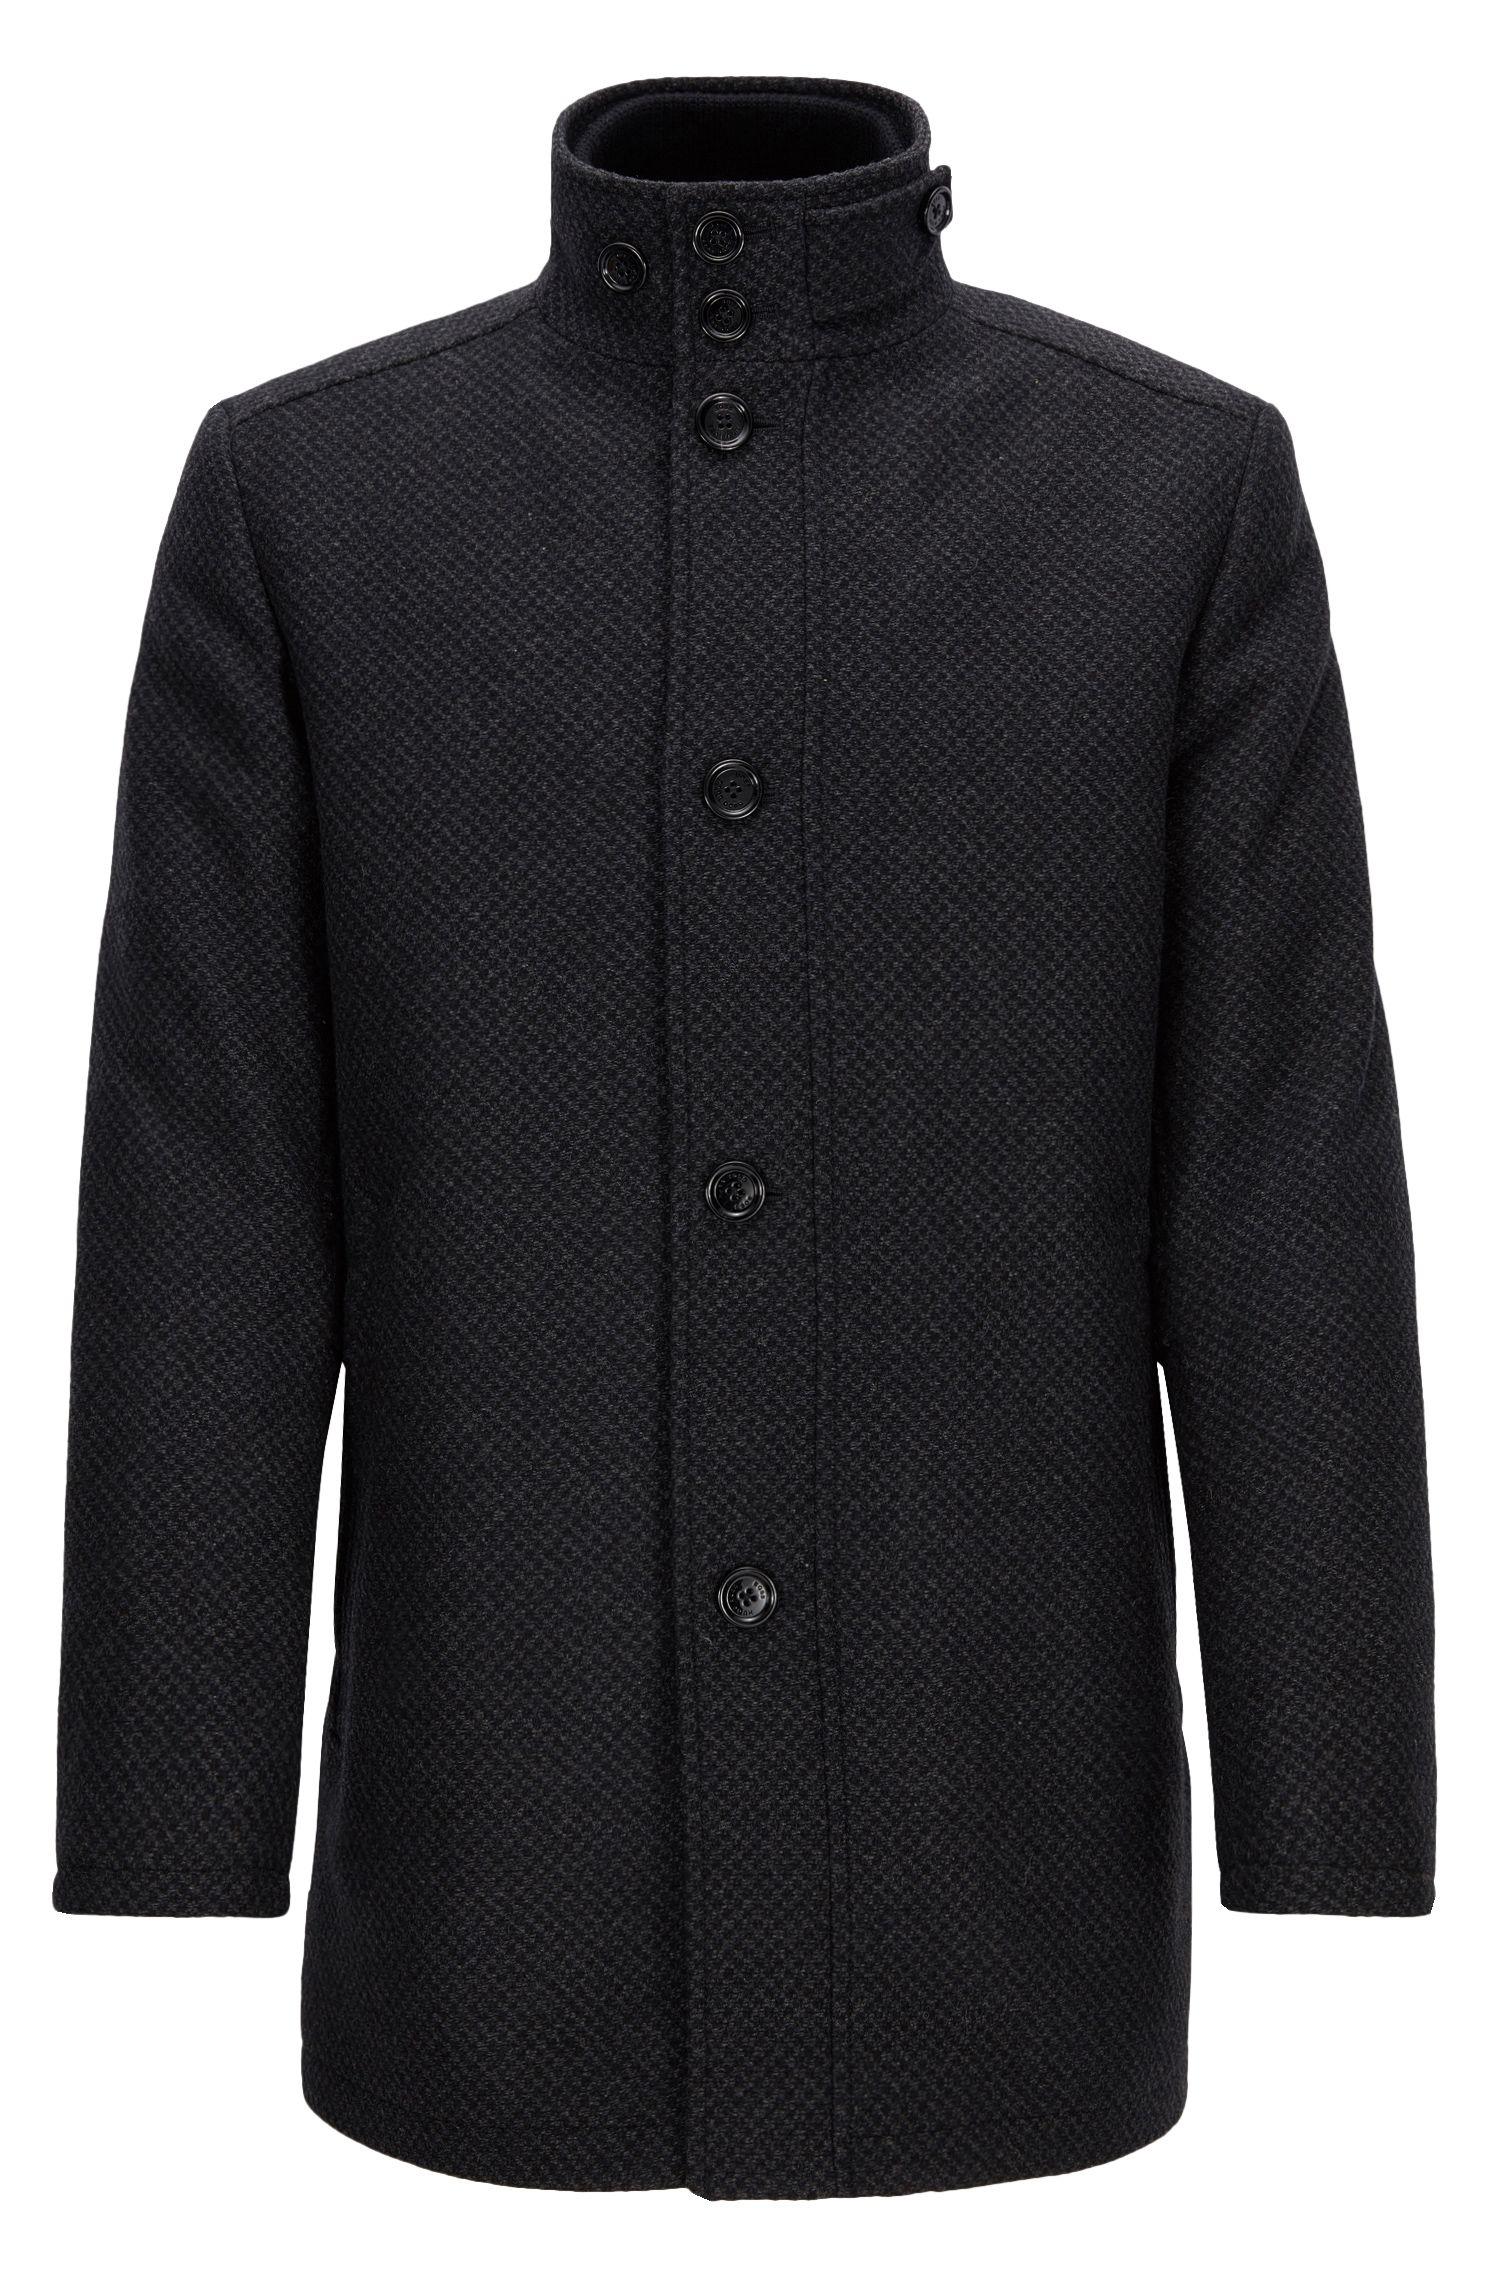 Manteau anti-ondes électromagnétiques en laine mélangée